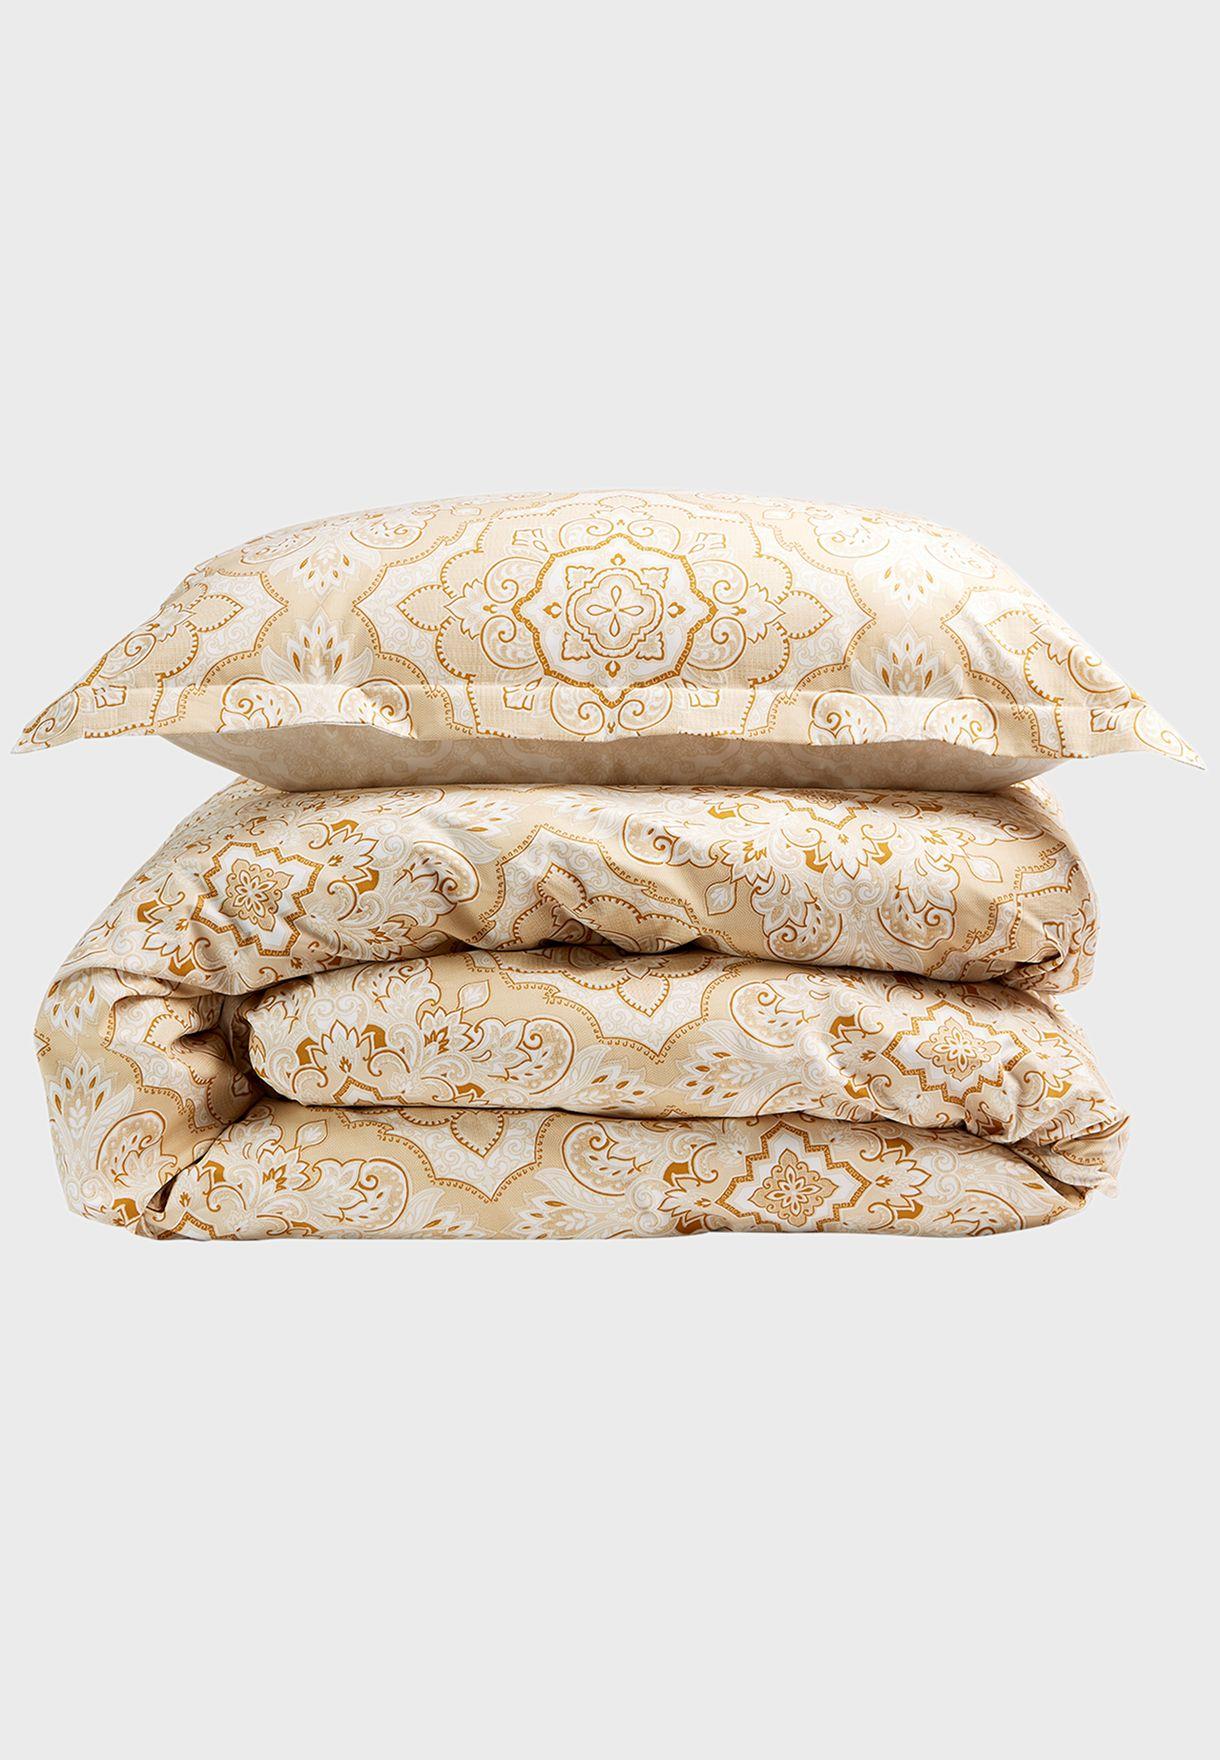 غطاء لحاف كينغ بطبعات مغربية